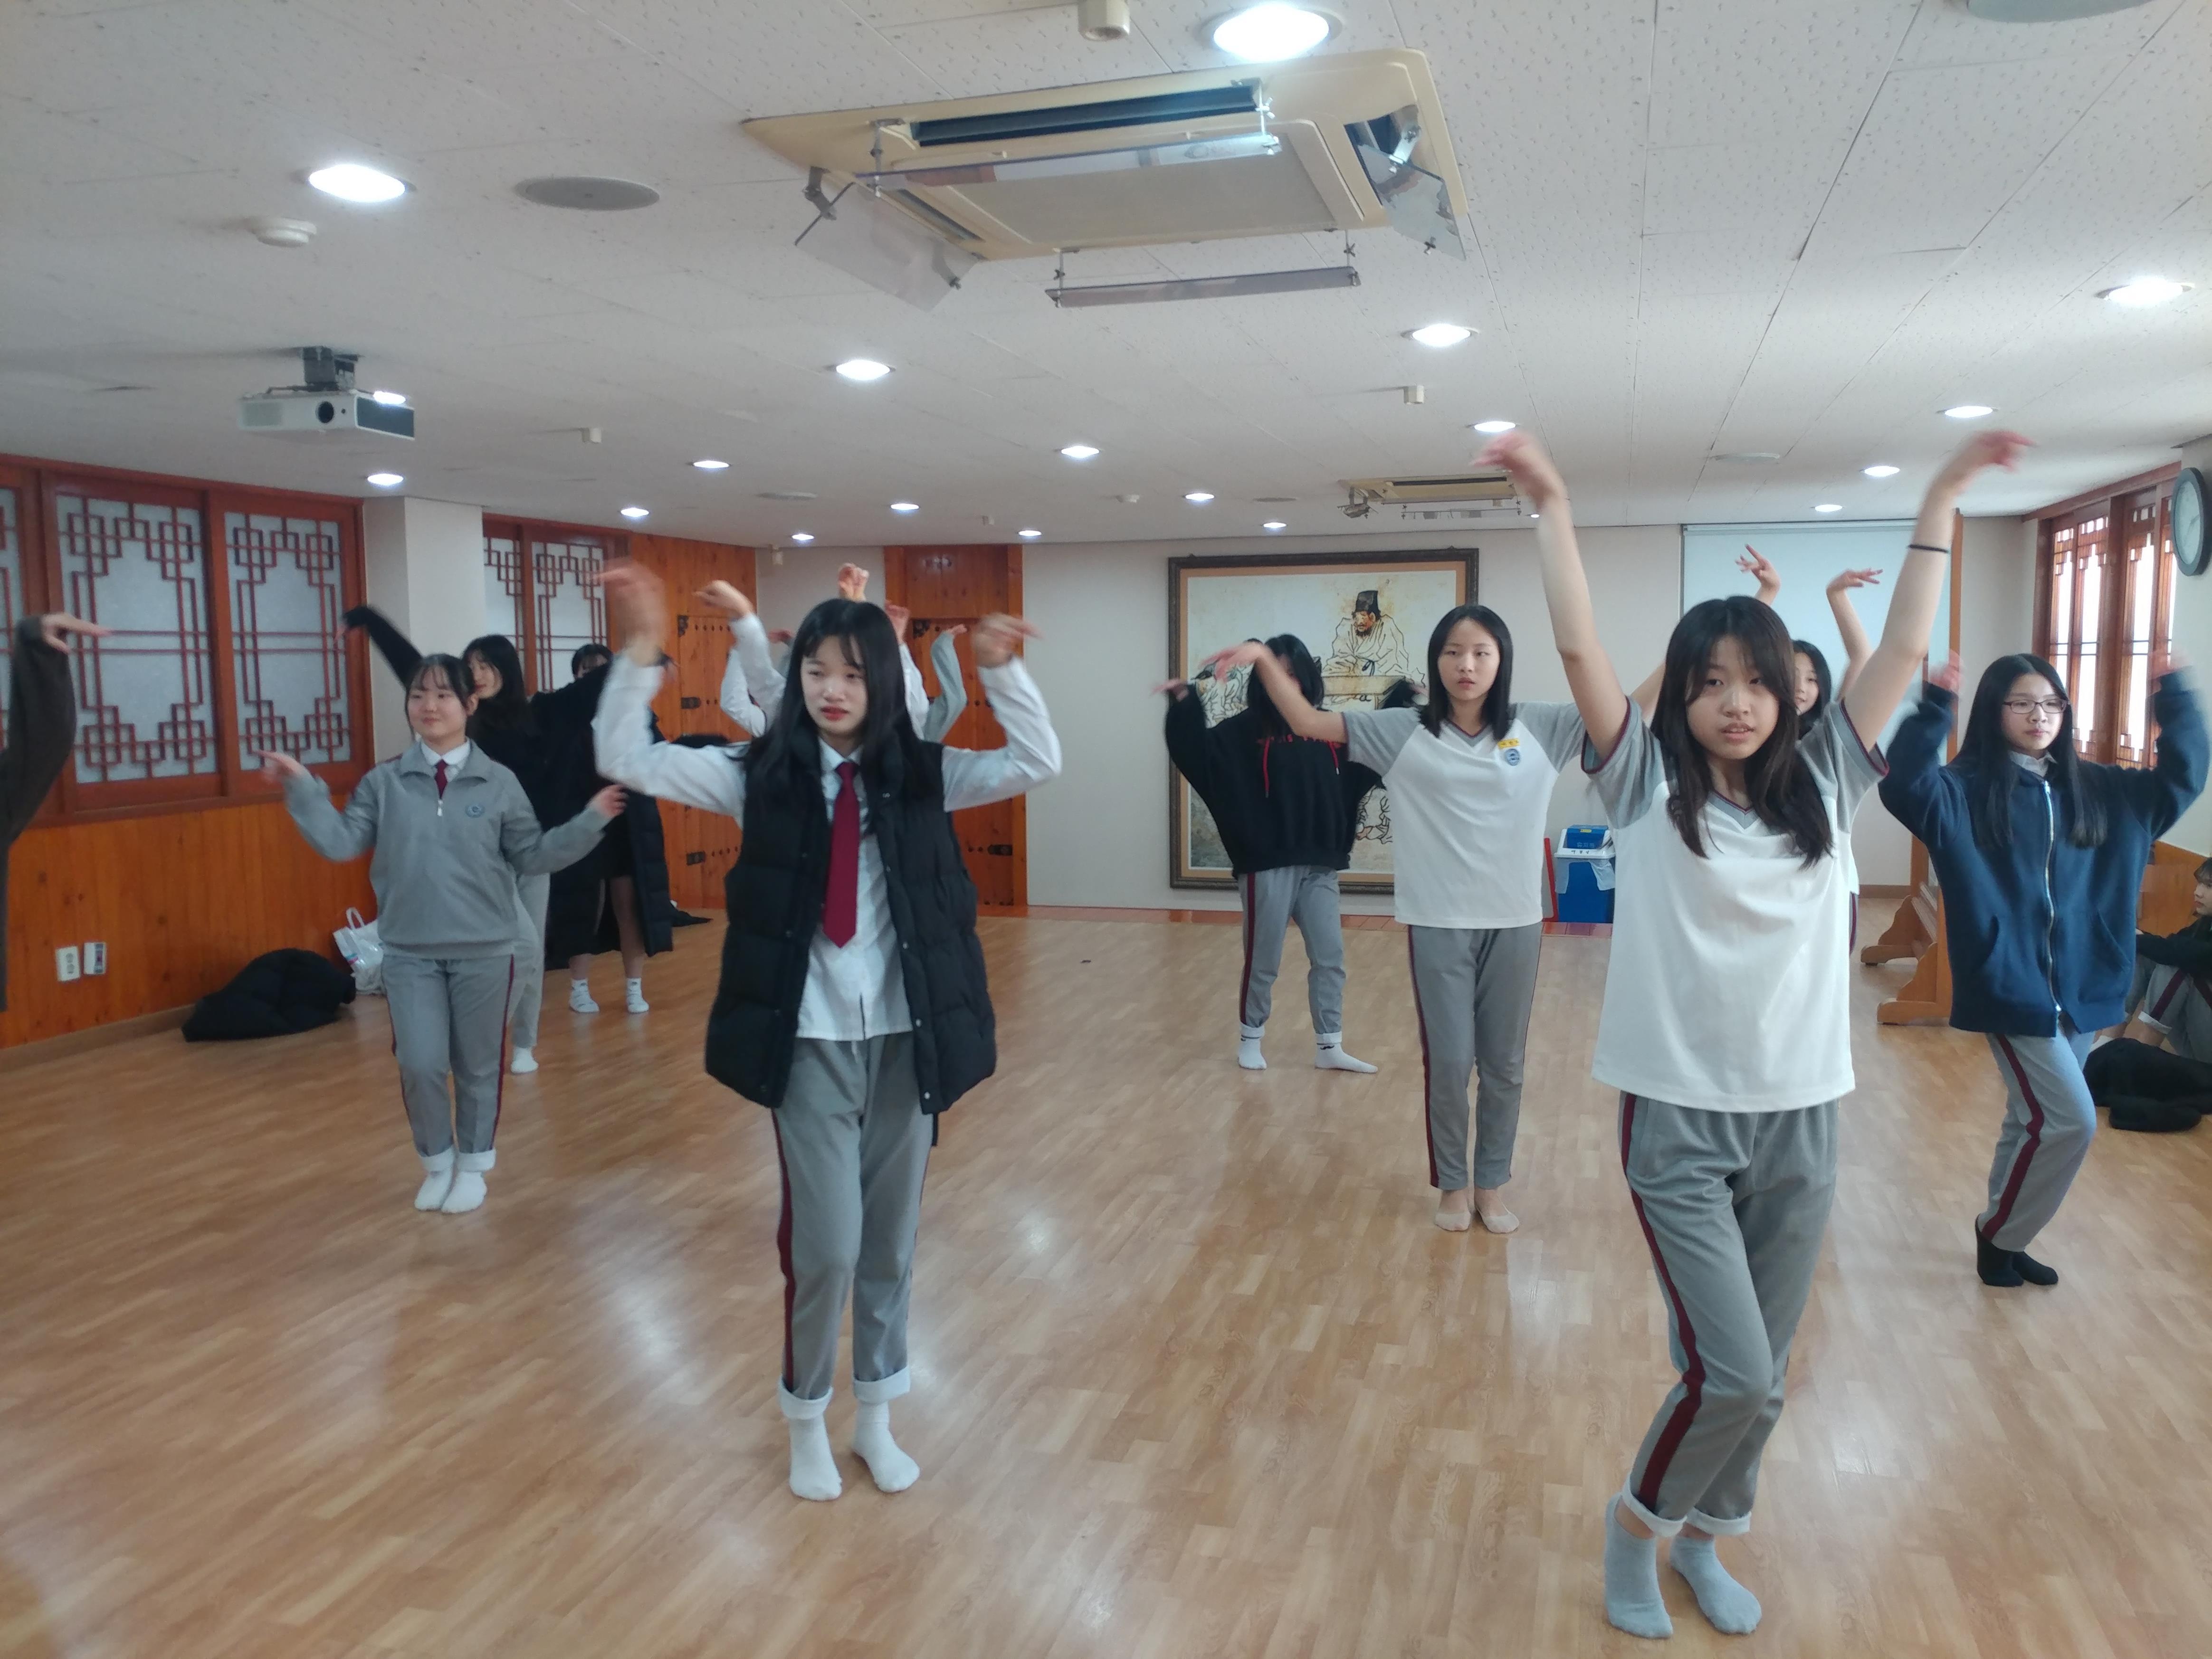 [활동 갤러리] 예술 체육 댄스반 1학년 2학기 활동 사진의 첨부이미지 1